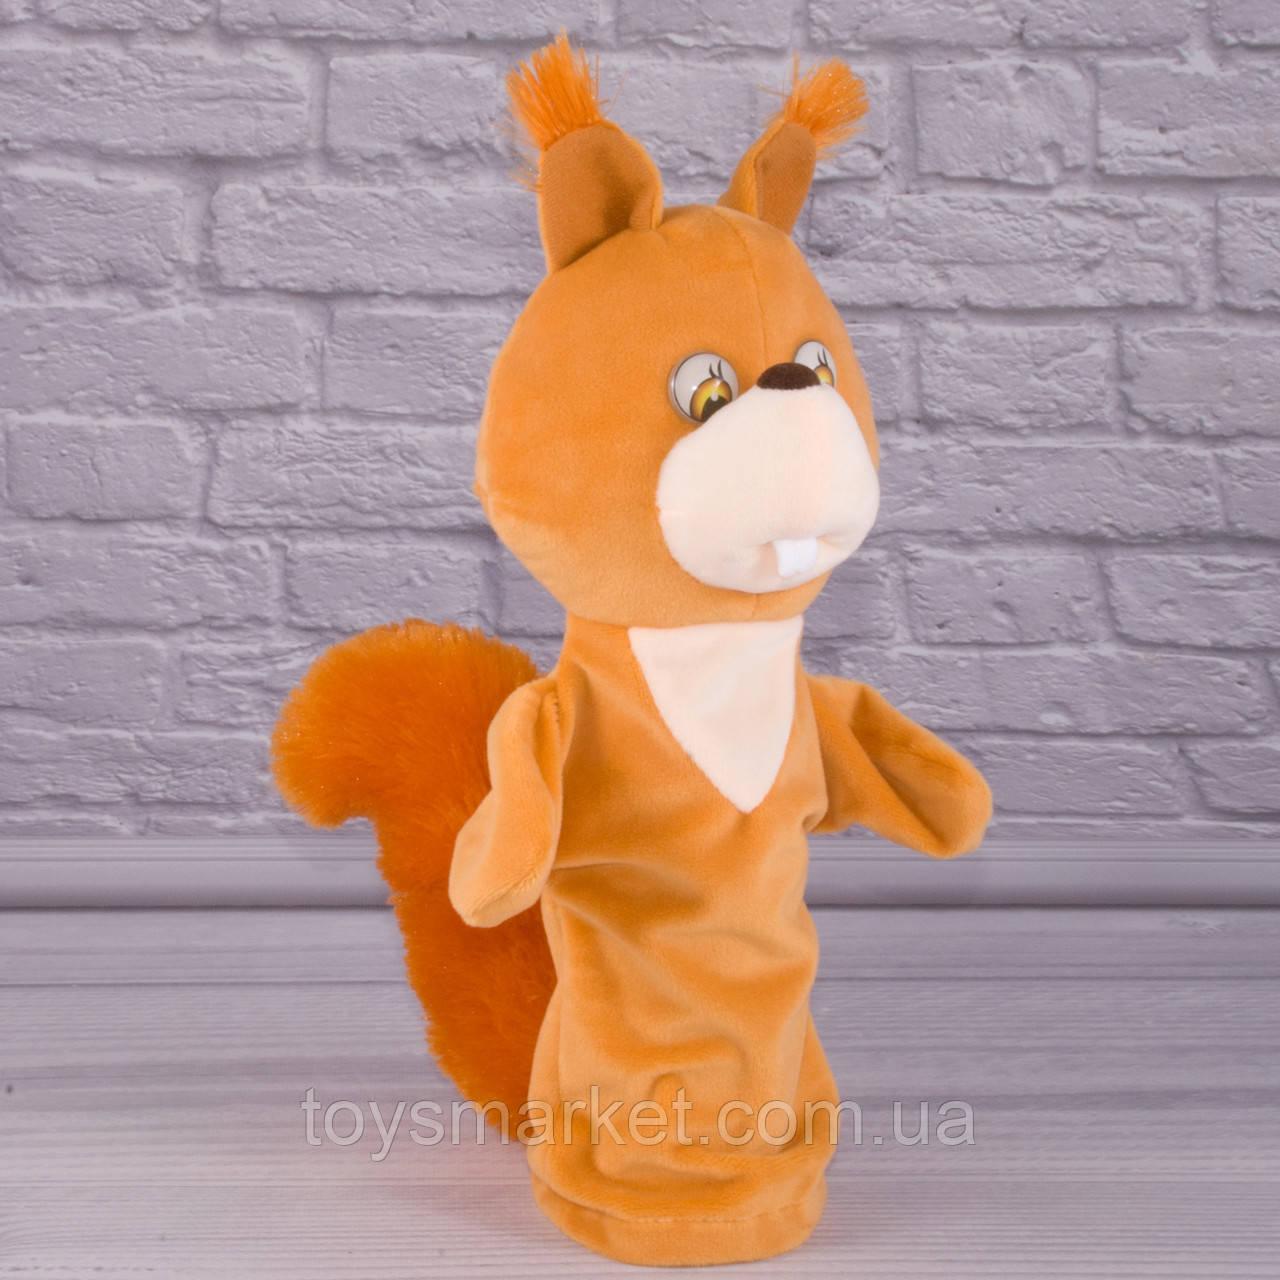 Игрушка рукавичка для кукольного театра Белочка, кукла перчатка на руку